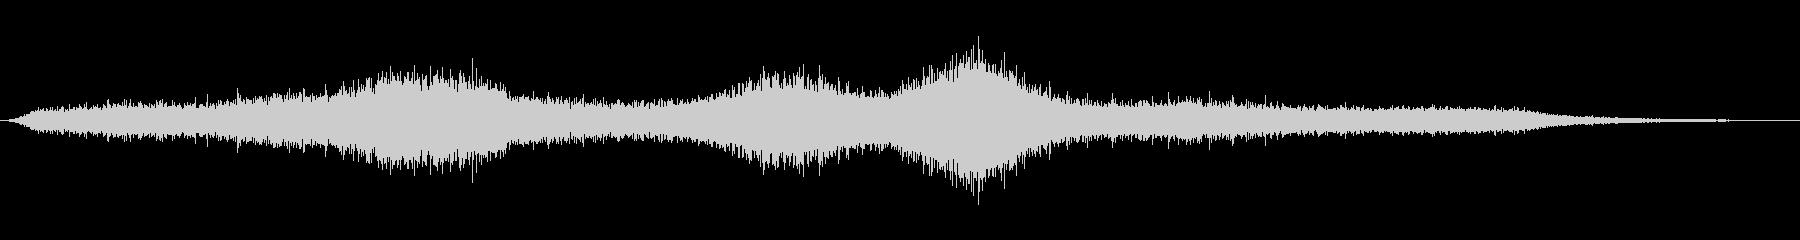 【生録音】 早朝の街 交通 環境音 20の未再生の波形